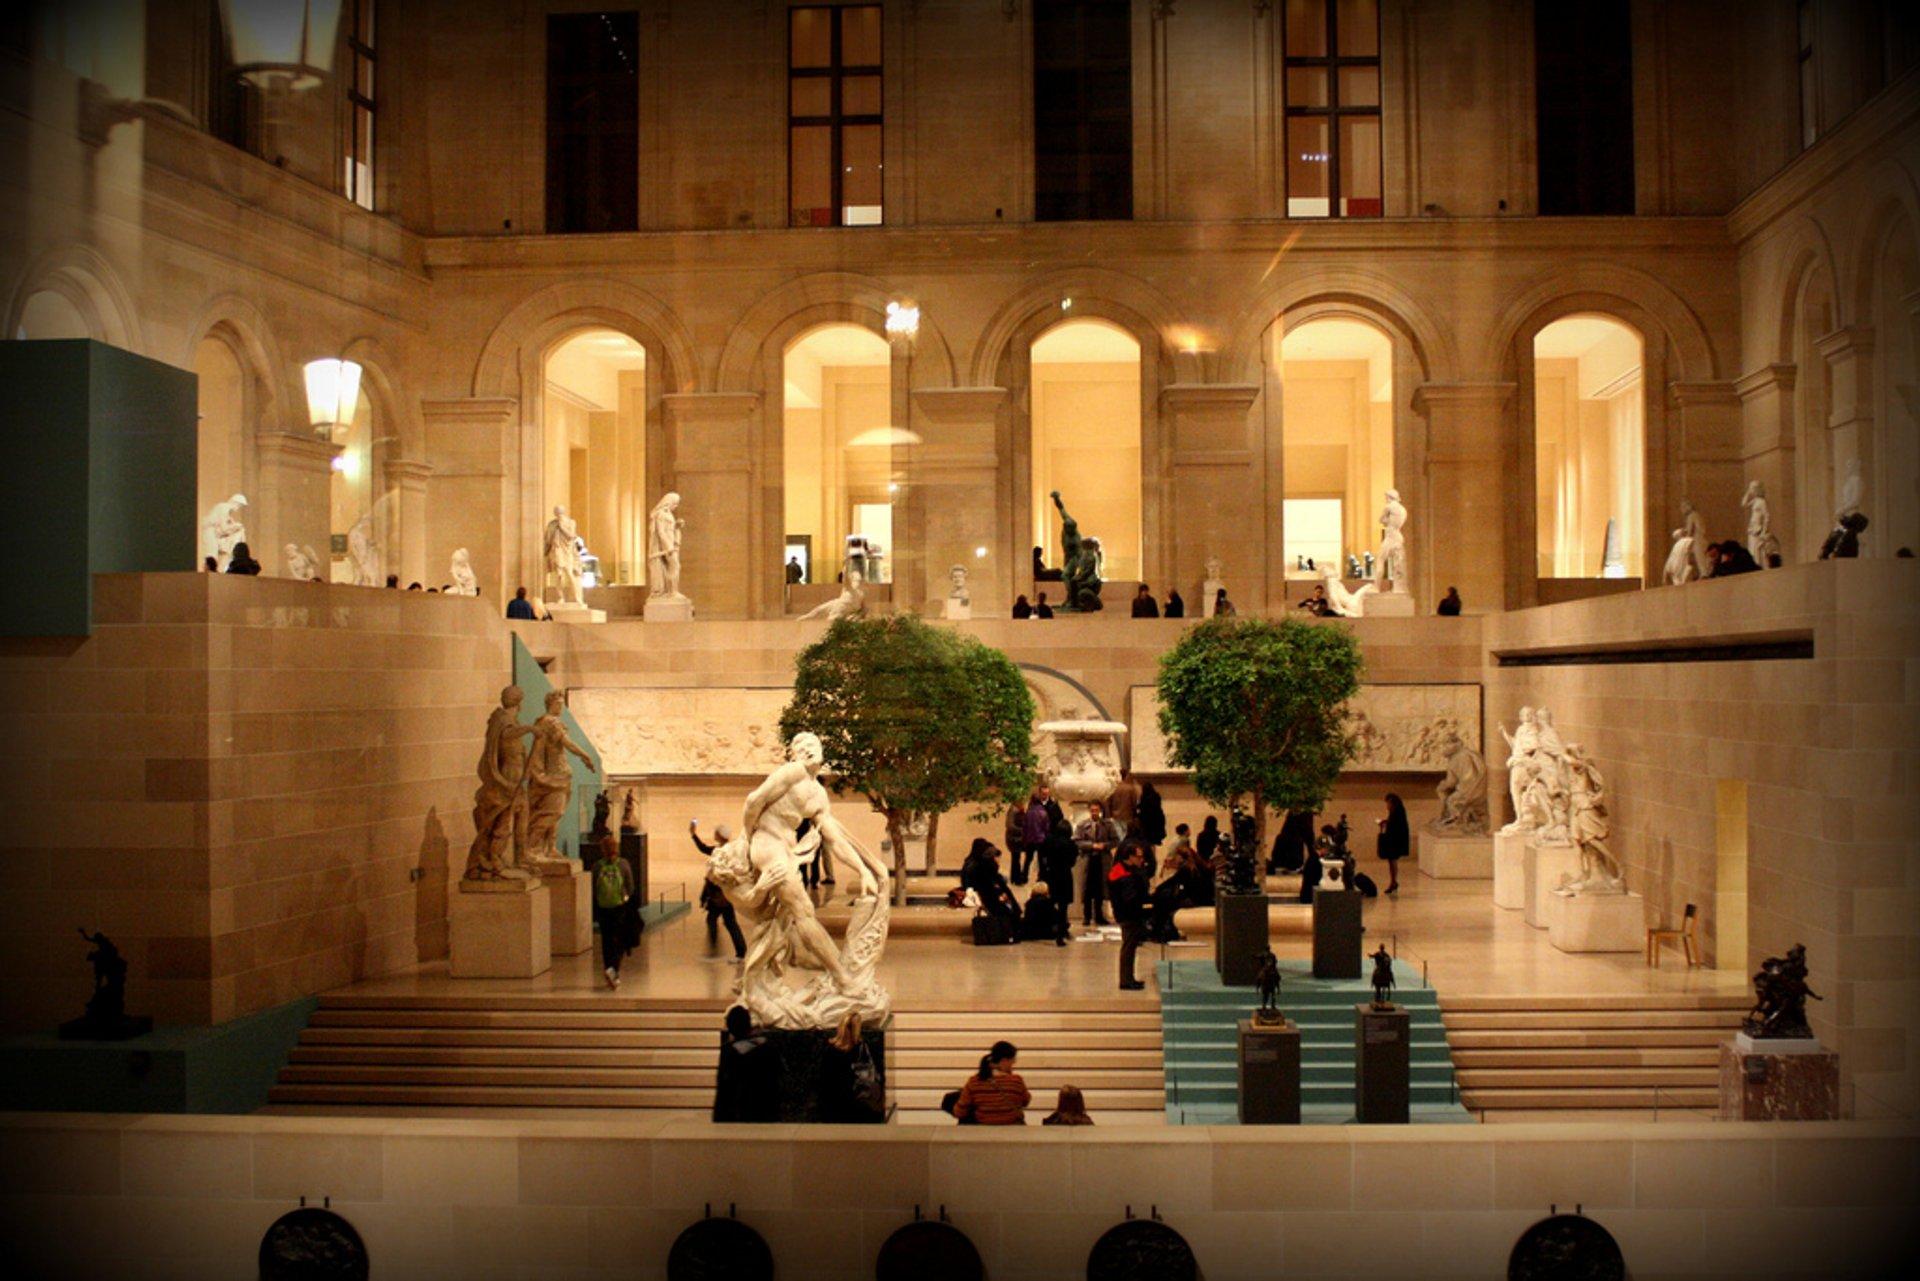 Musée du Louvre, Paris, France 2019